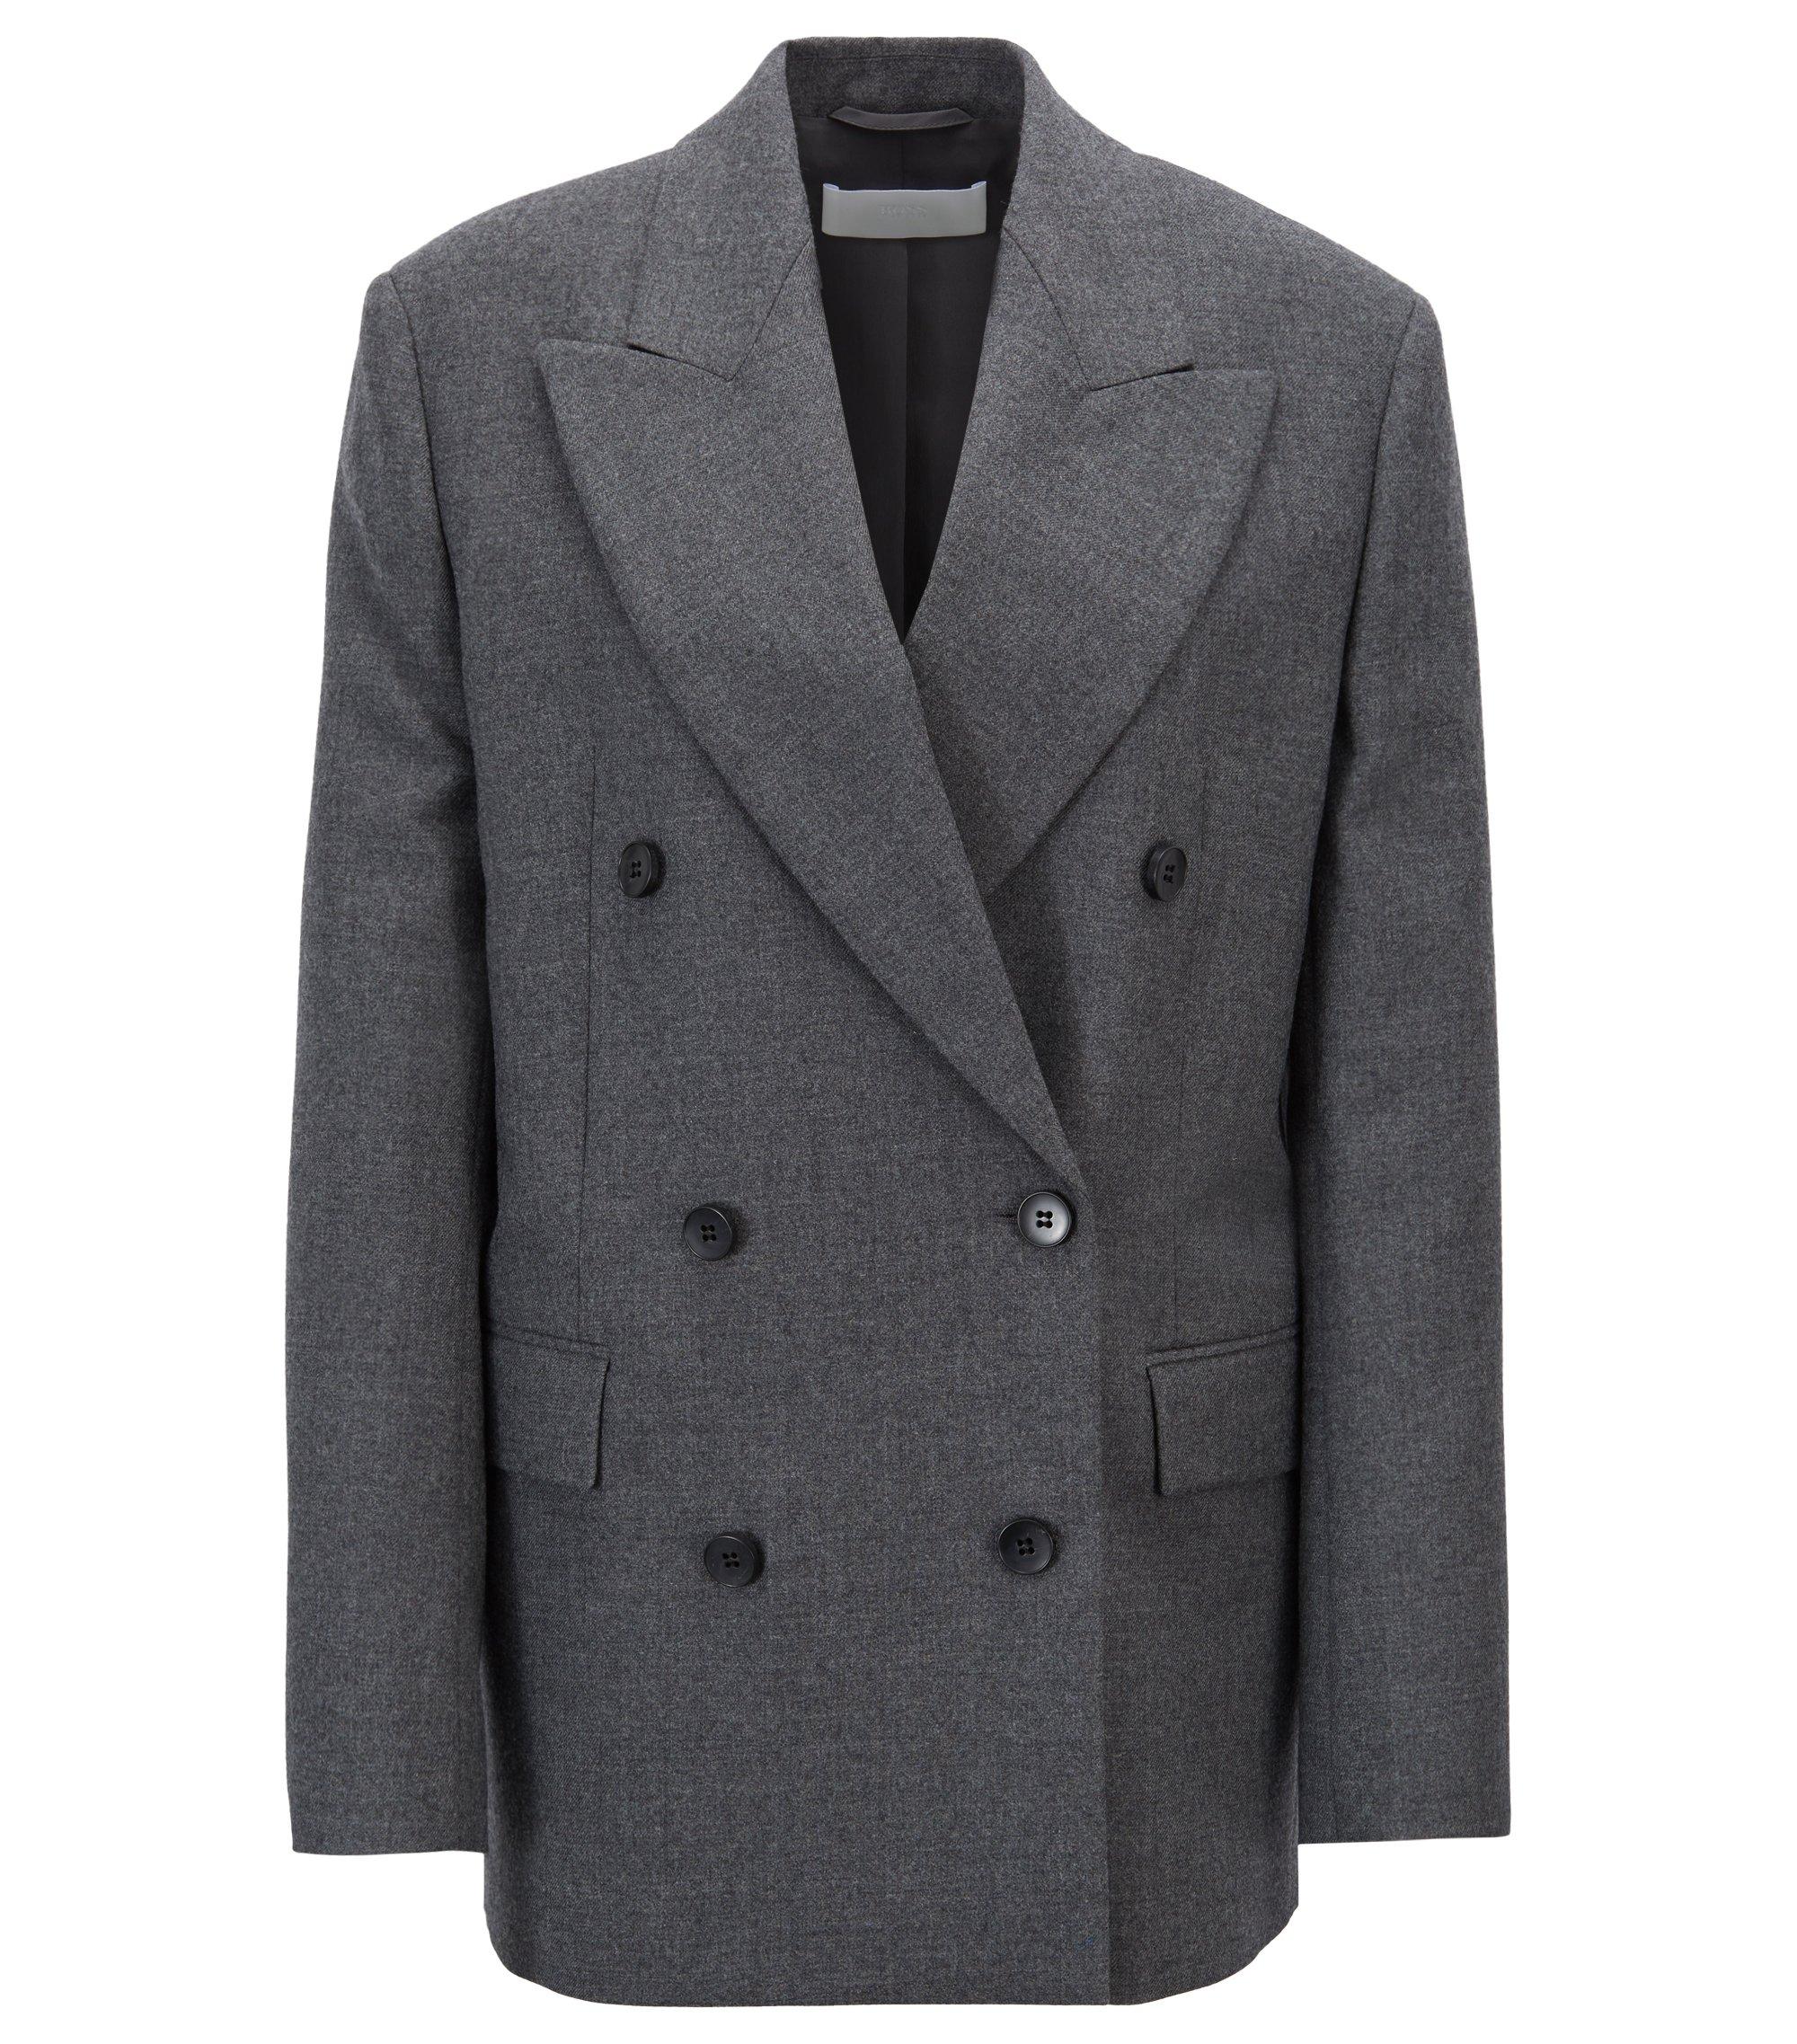 Blazer Oversized Fit croisé en twill de laine vierge, Anthracite